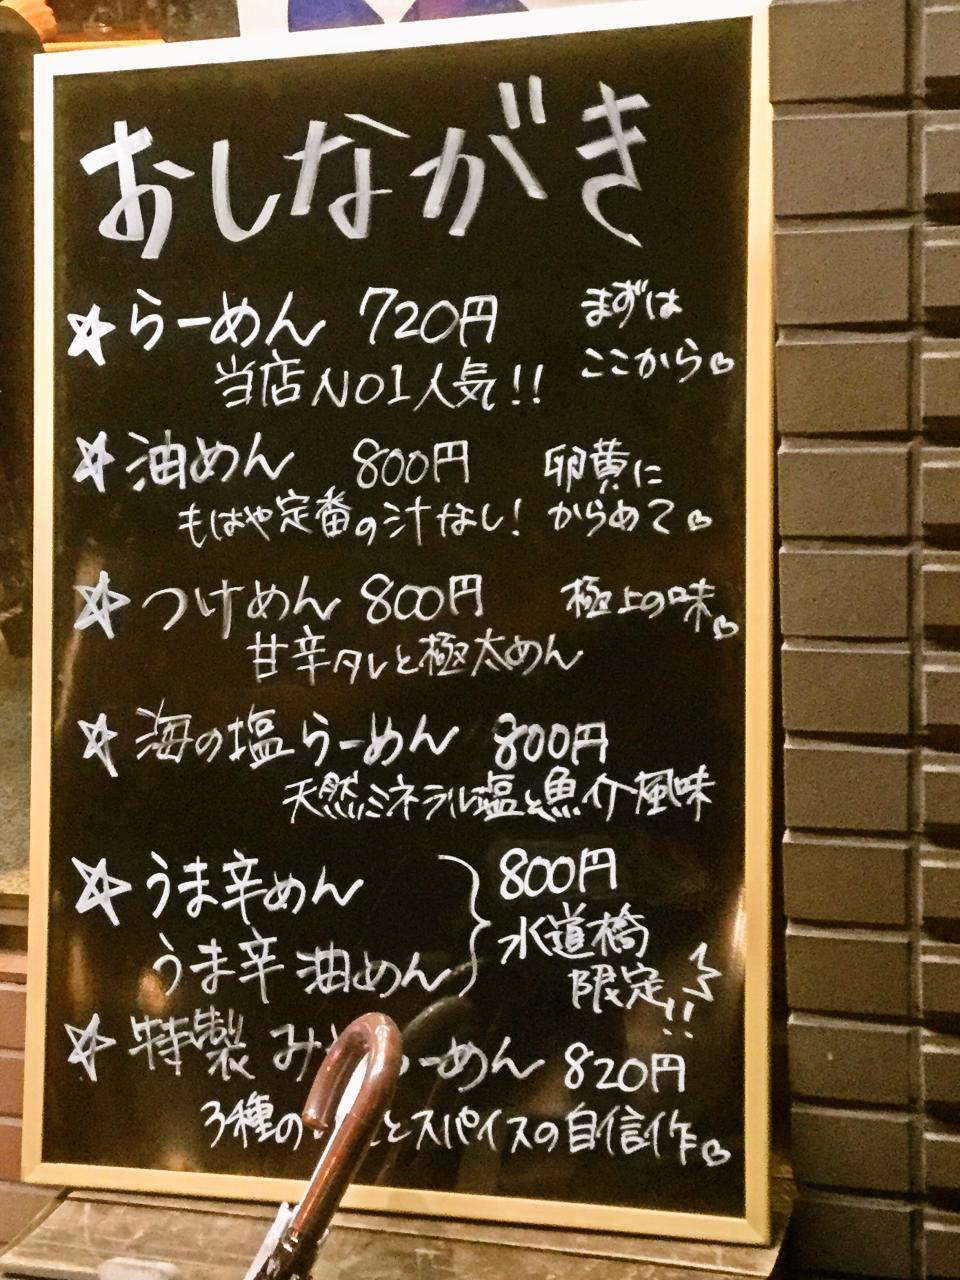 らーめん ぽっぽ屋(店舗)